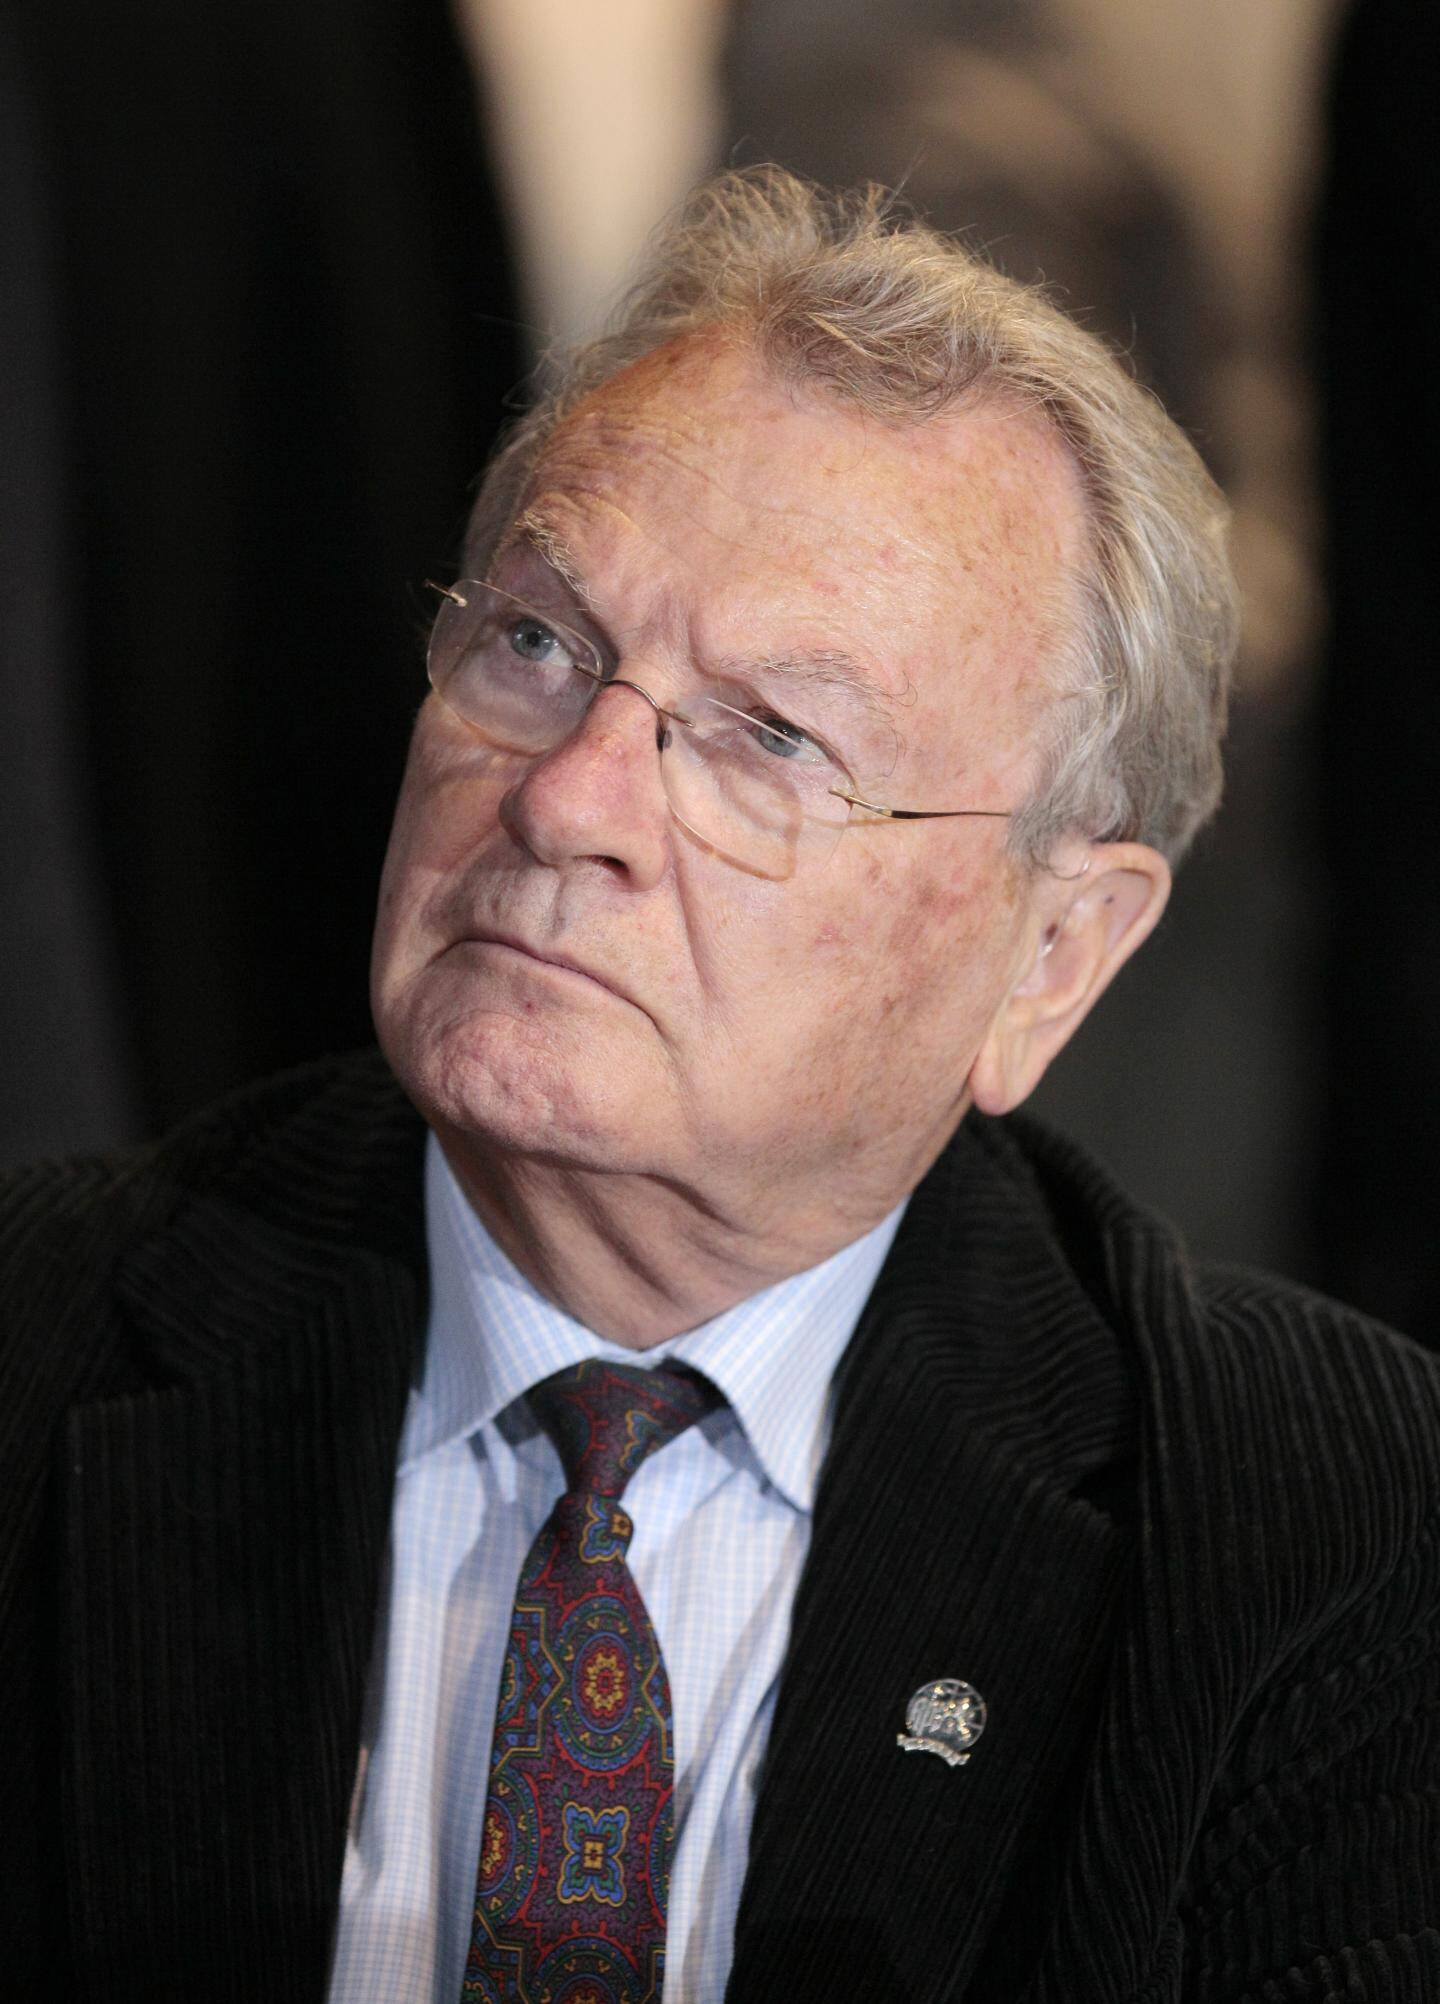 Yves Bonnet, l'ancien partron de la DST, le contre-espionnage français.